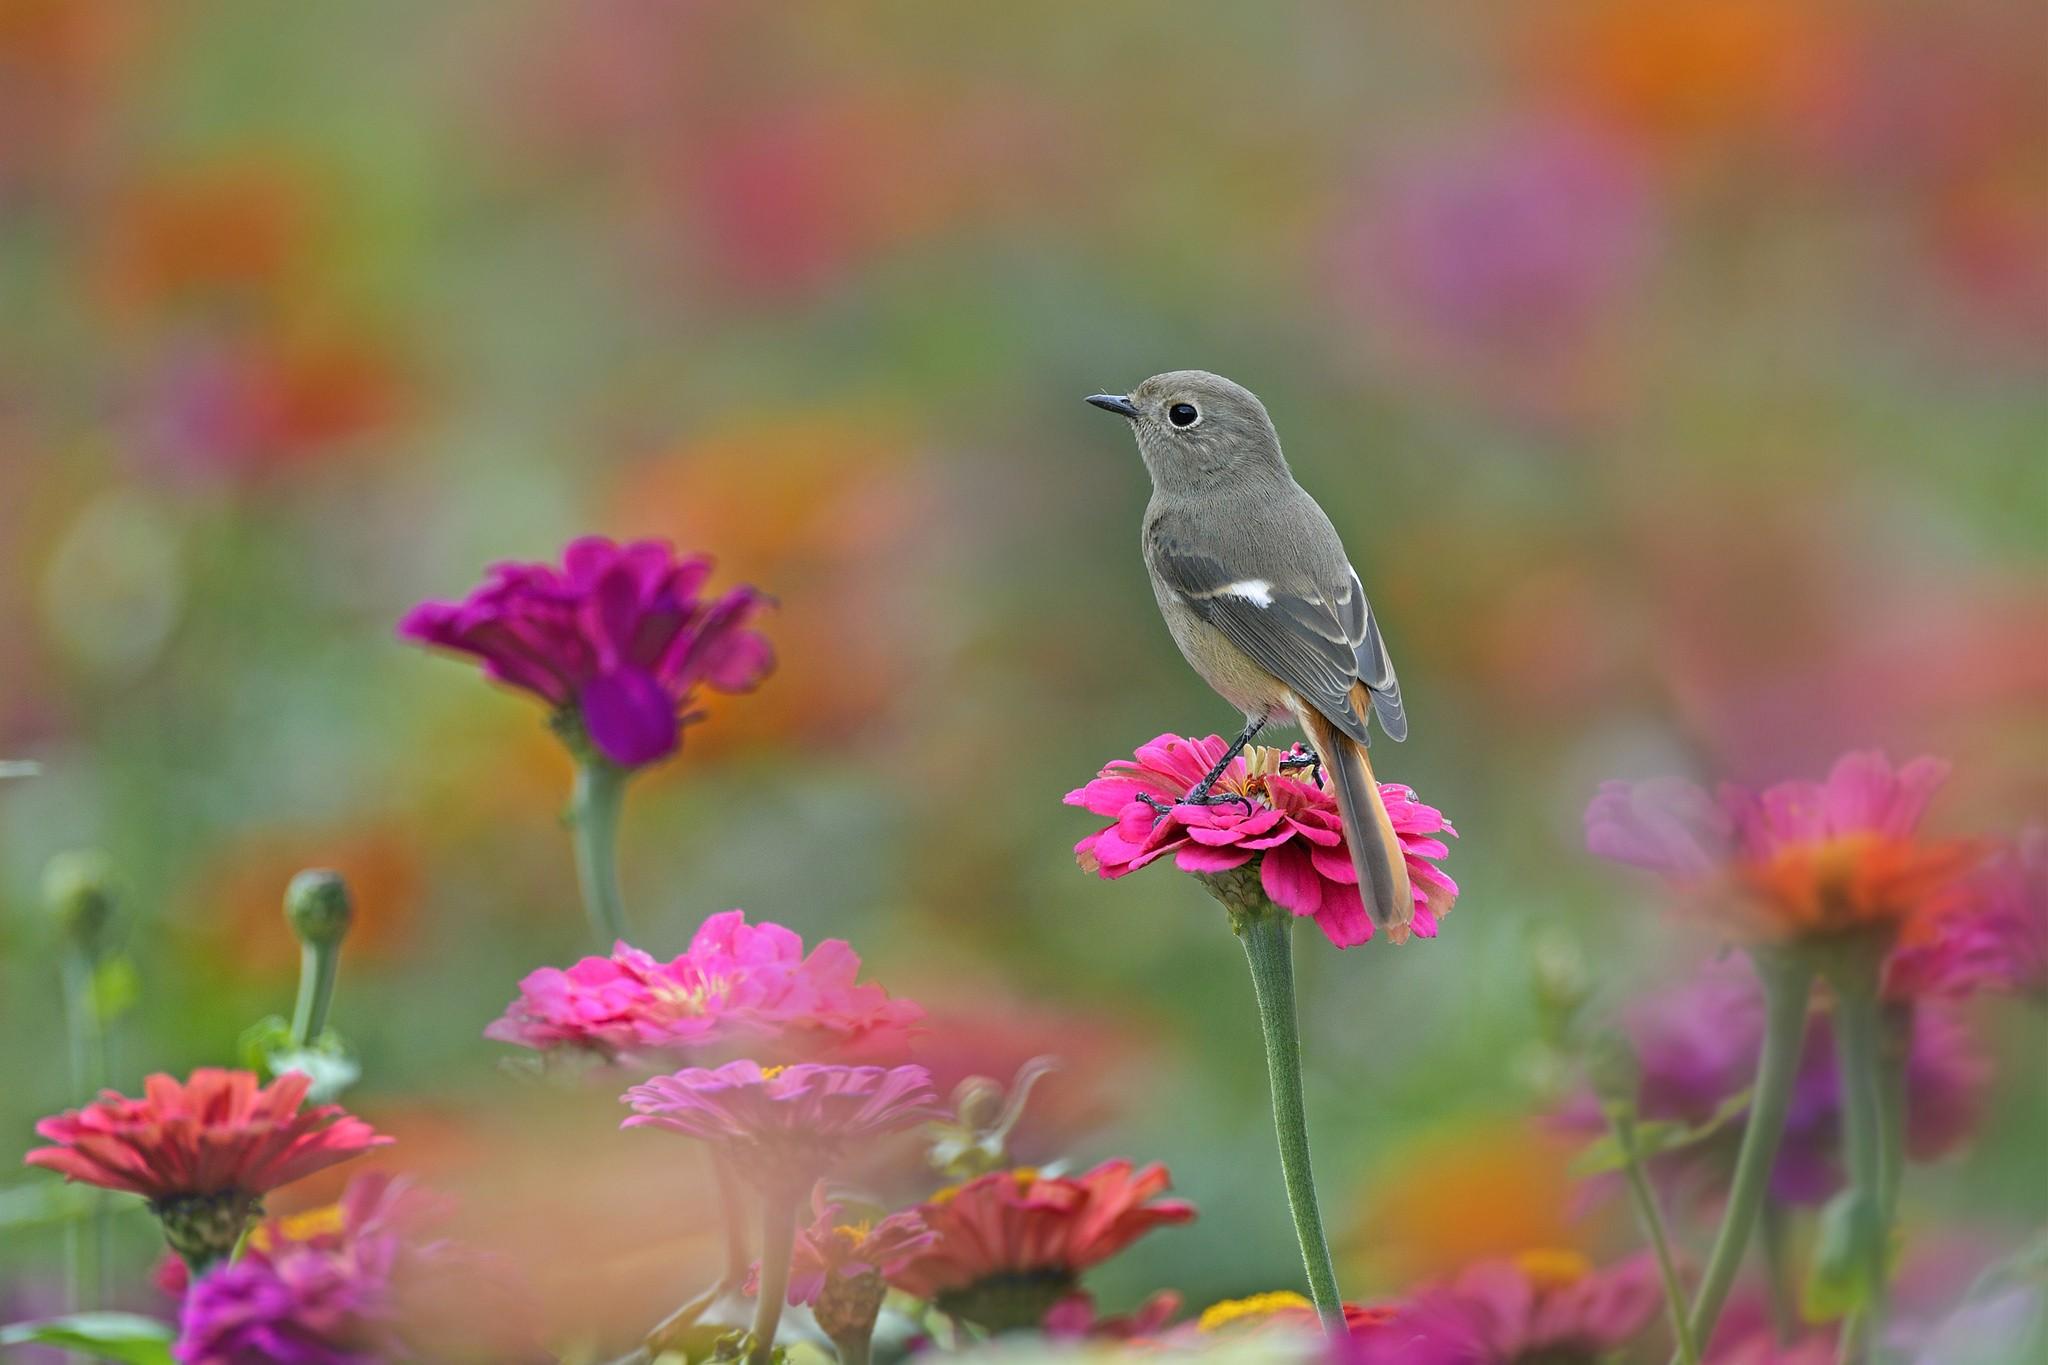 Wallpaper : birds, animals, flowers, nature, butterfly ...